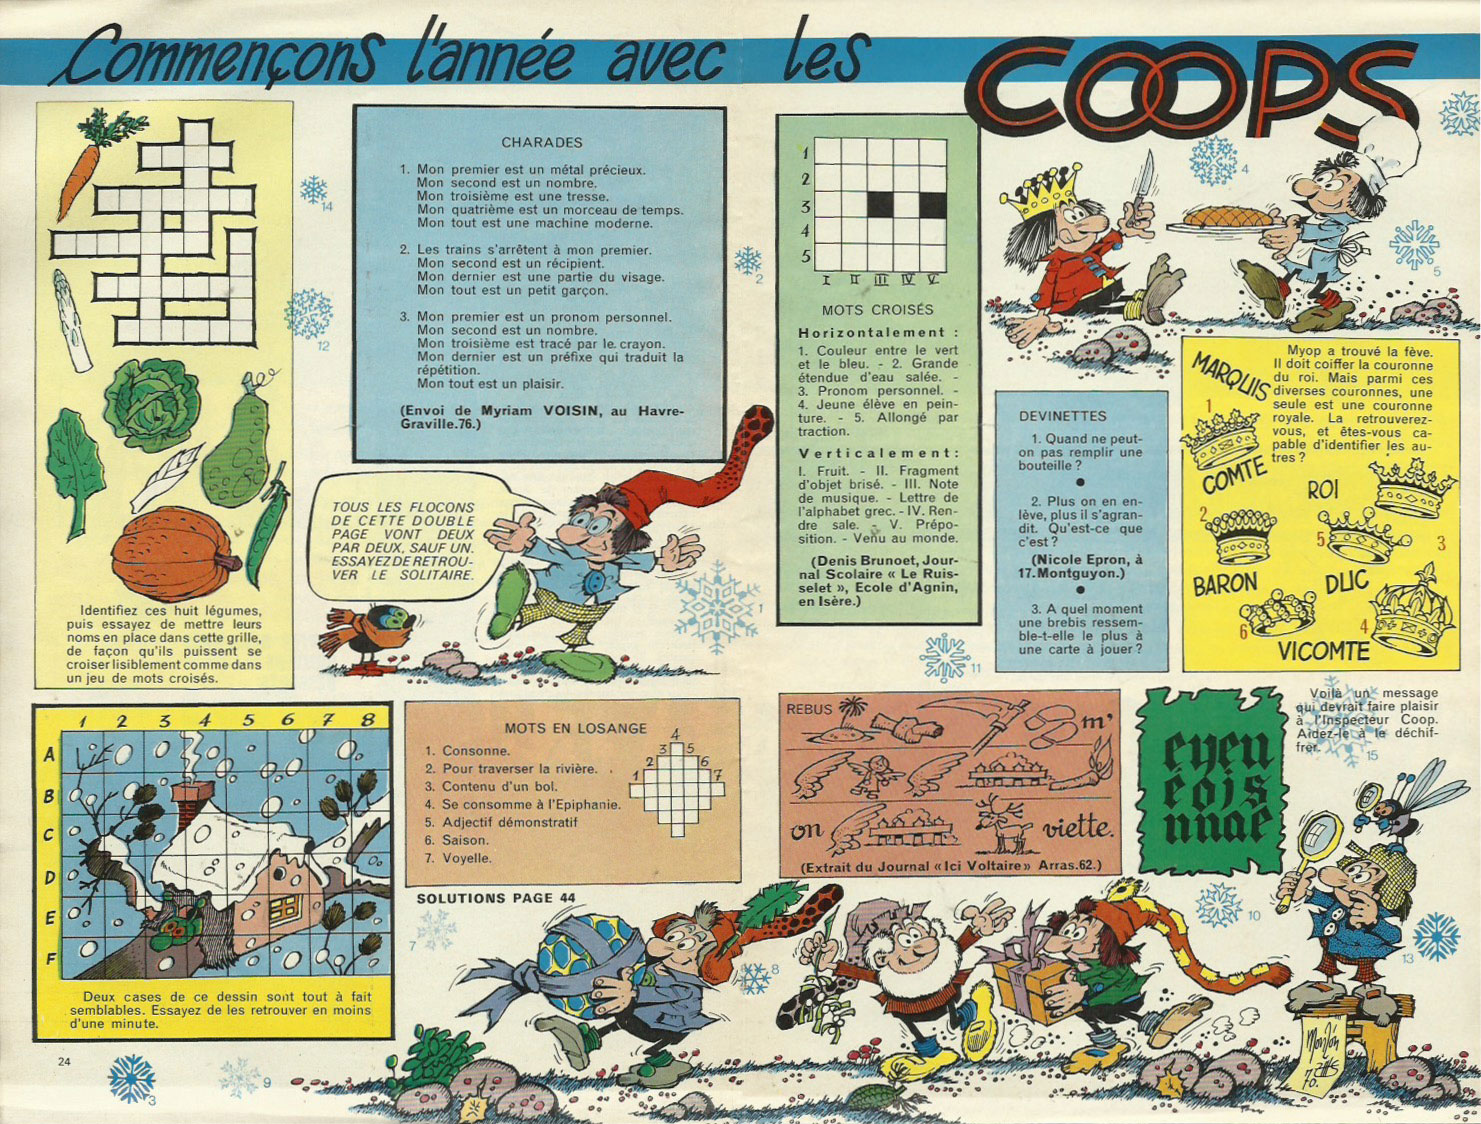 Jeux illustrés par Ramón Monzón, dans Amis-Coop.